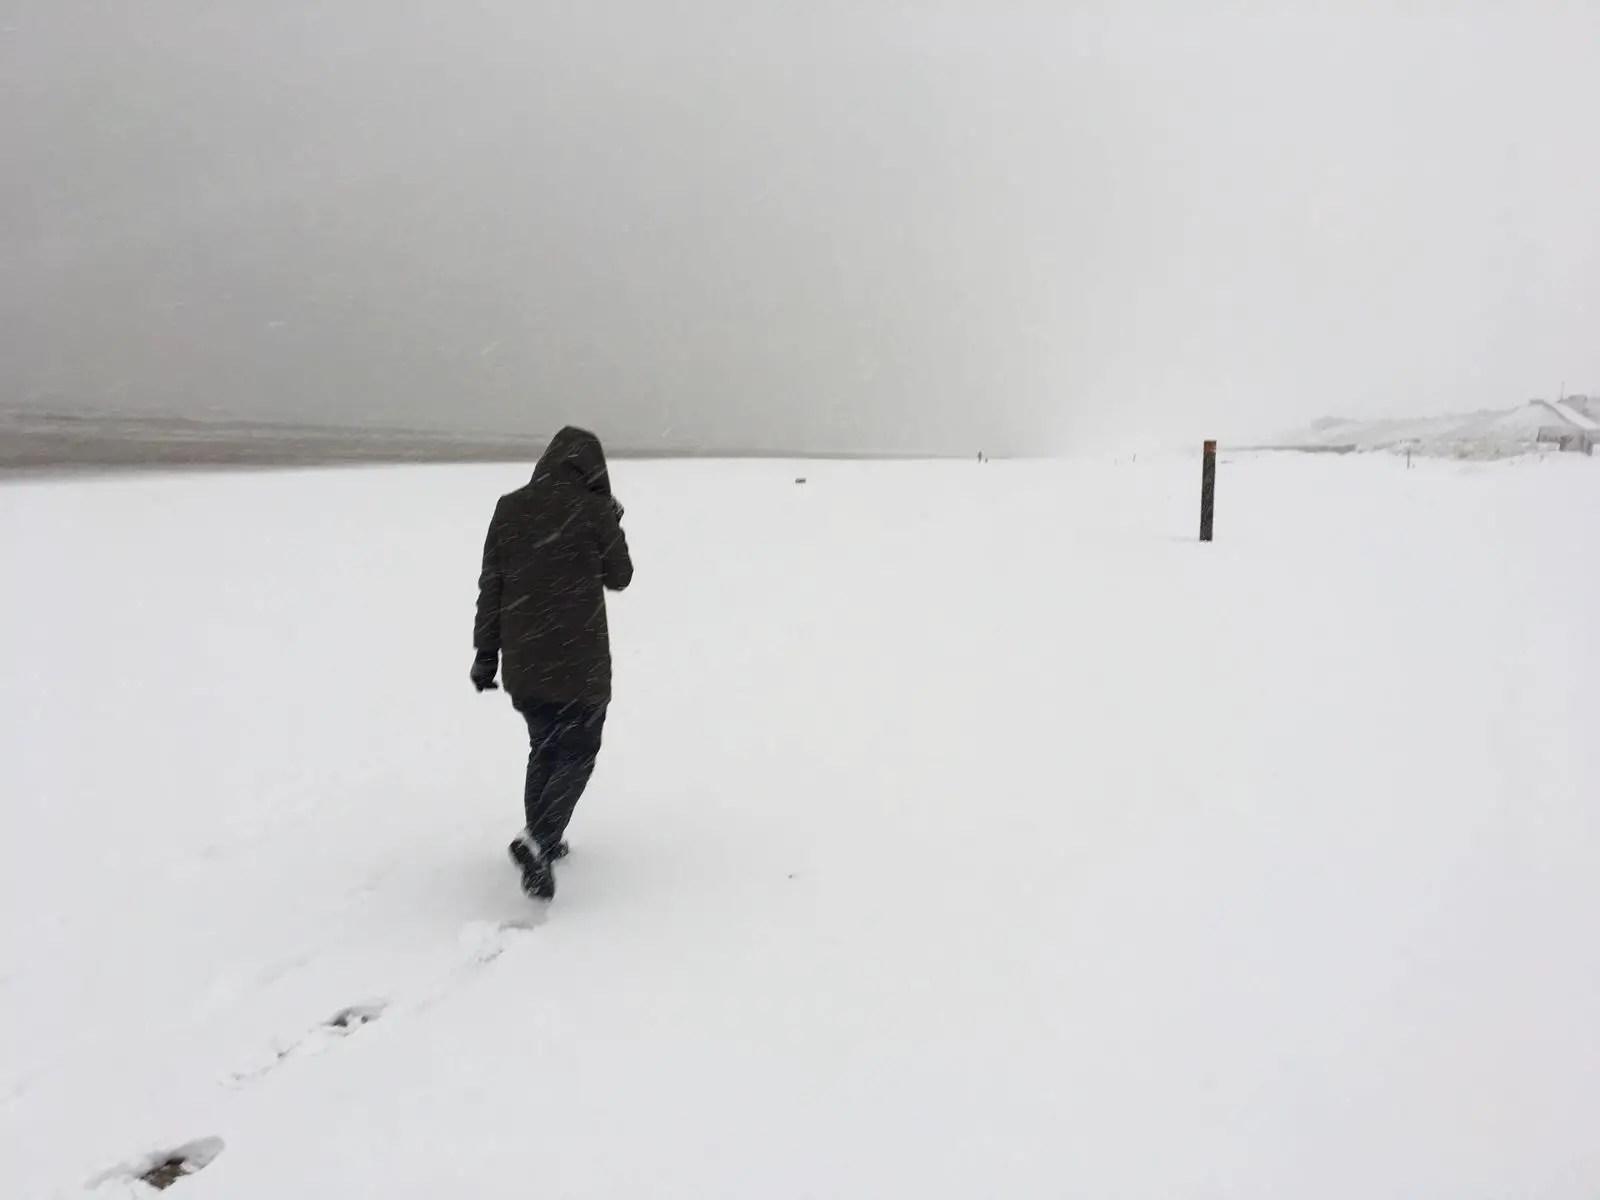 Strandwandeling in de sneeuw Bloemendaal aan Zee